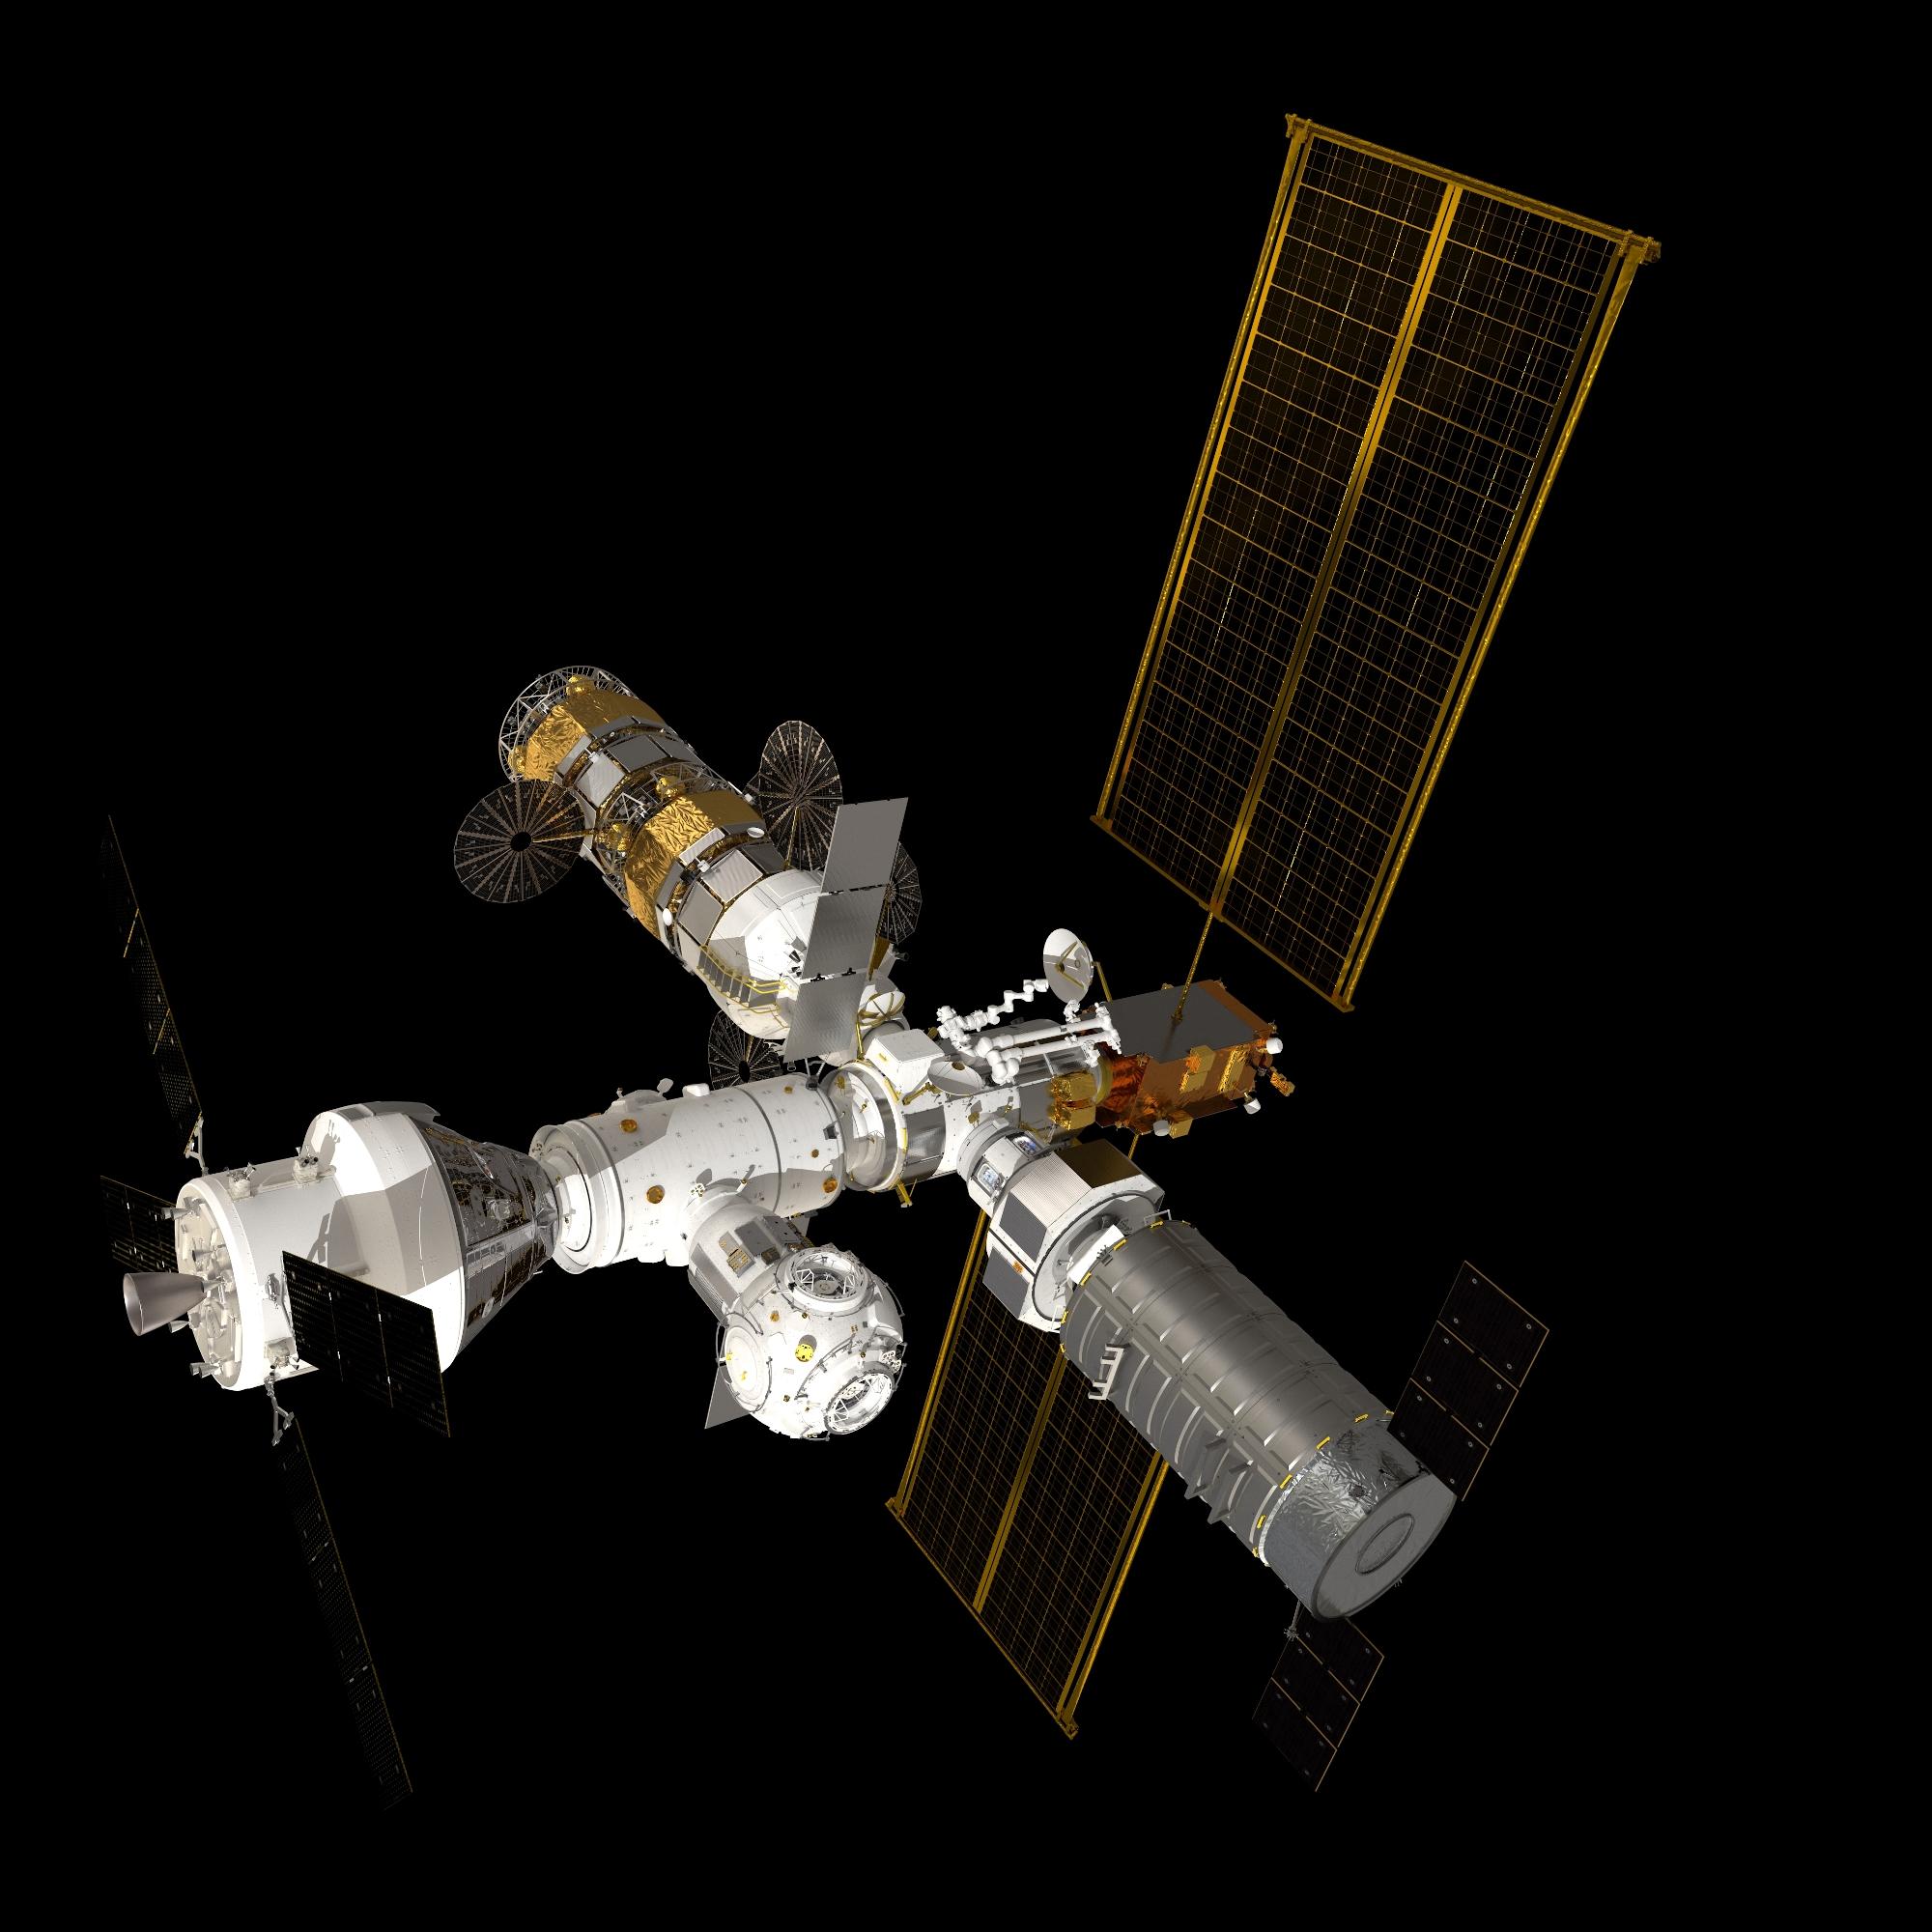 Imaginea 2: Reprezentare grafică a viitoarei stații spațiale lunare Gateway, împreună cu capsula Orion andocată (sursa foto: ESA)